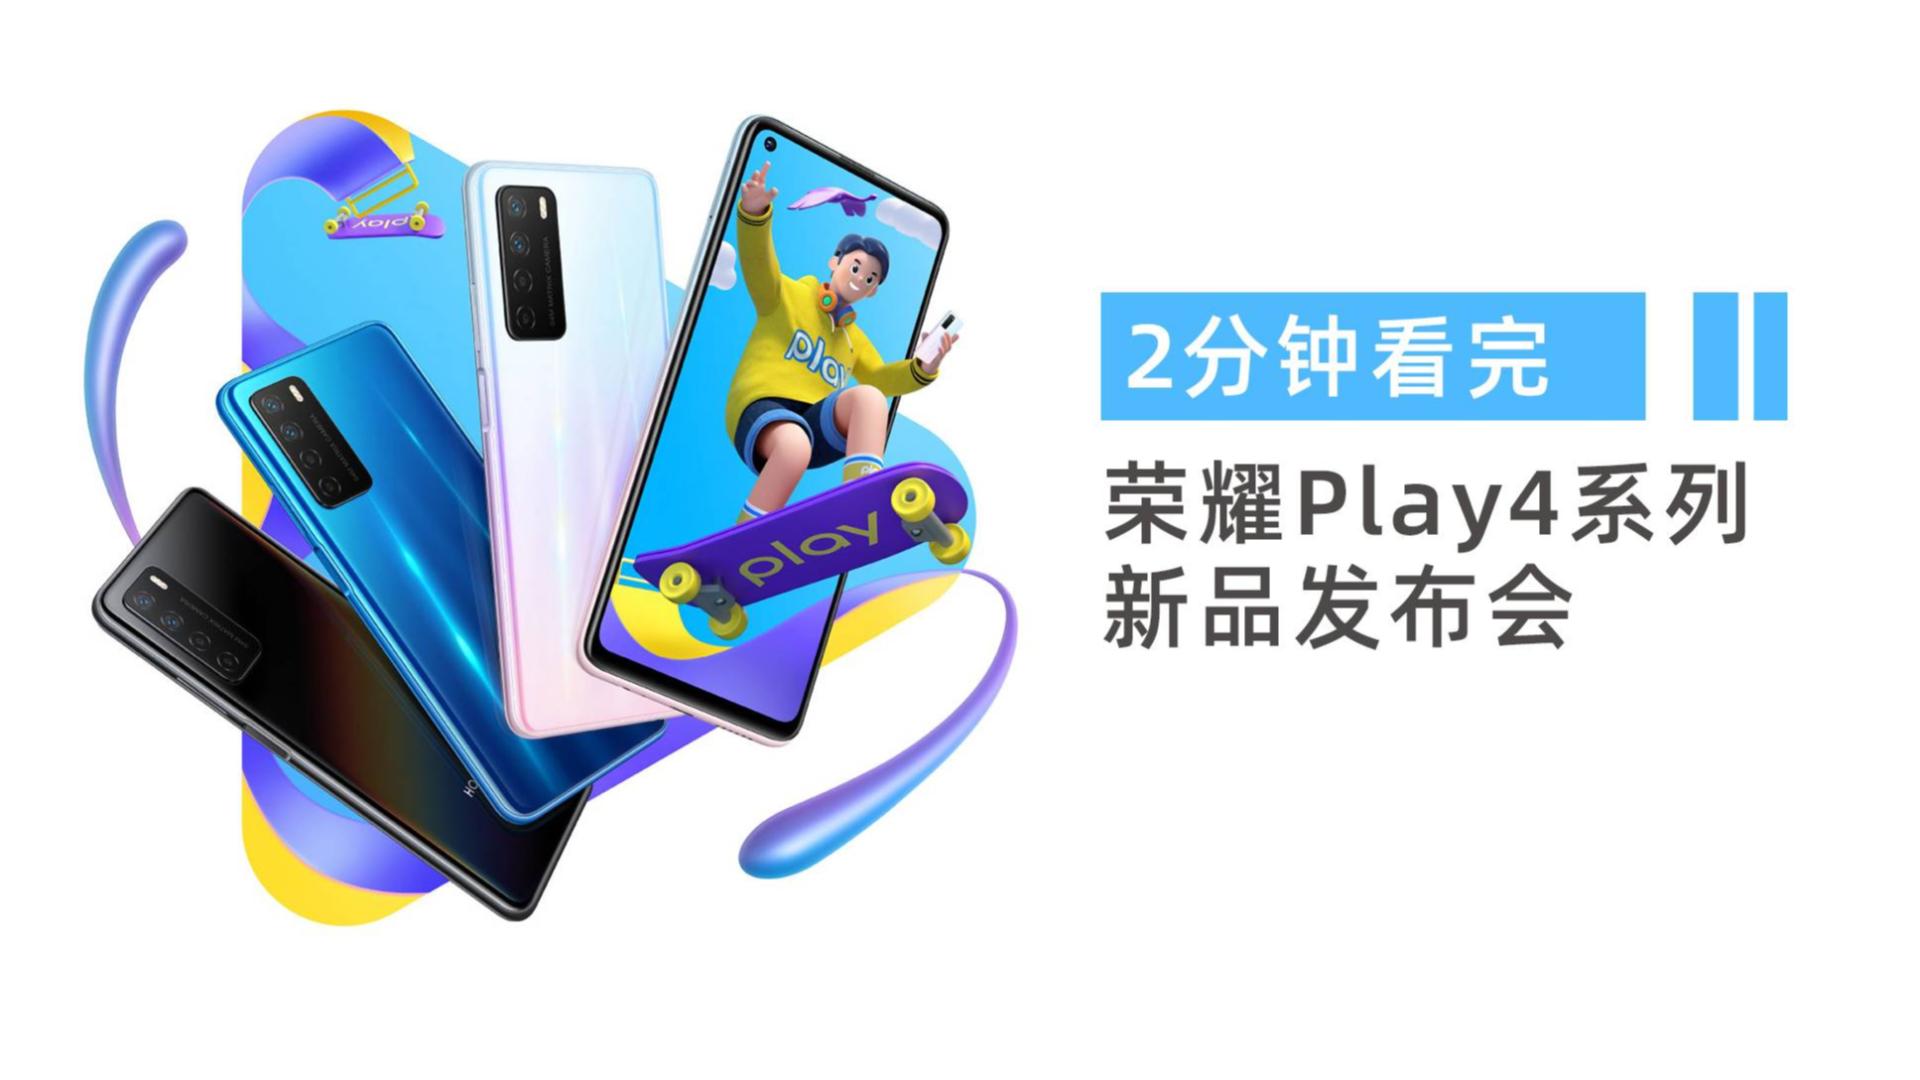 「VDGER聚焦」2分钟看完荣耀Play 4系列新品发布会:麒麟990处理器下放